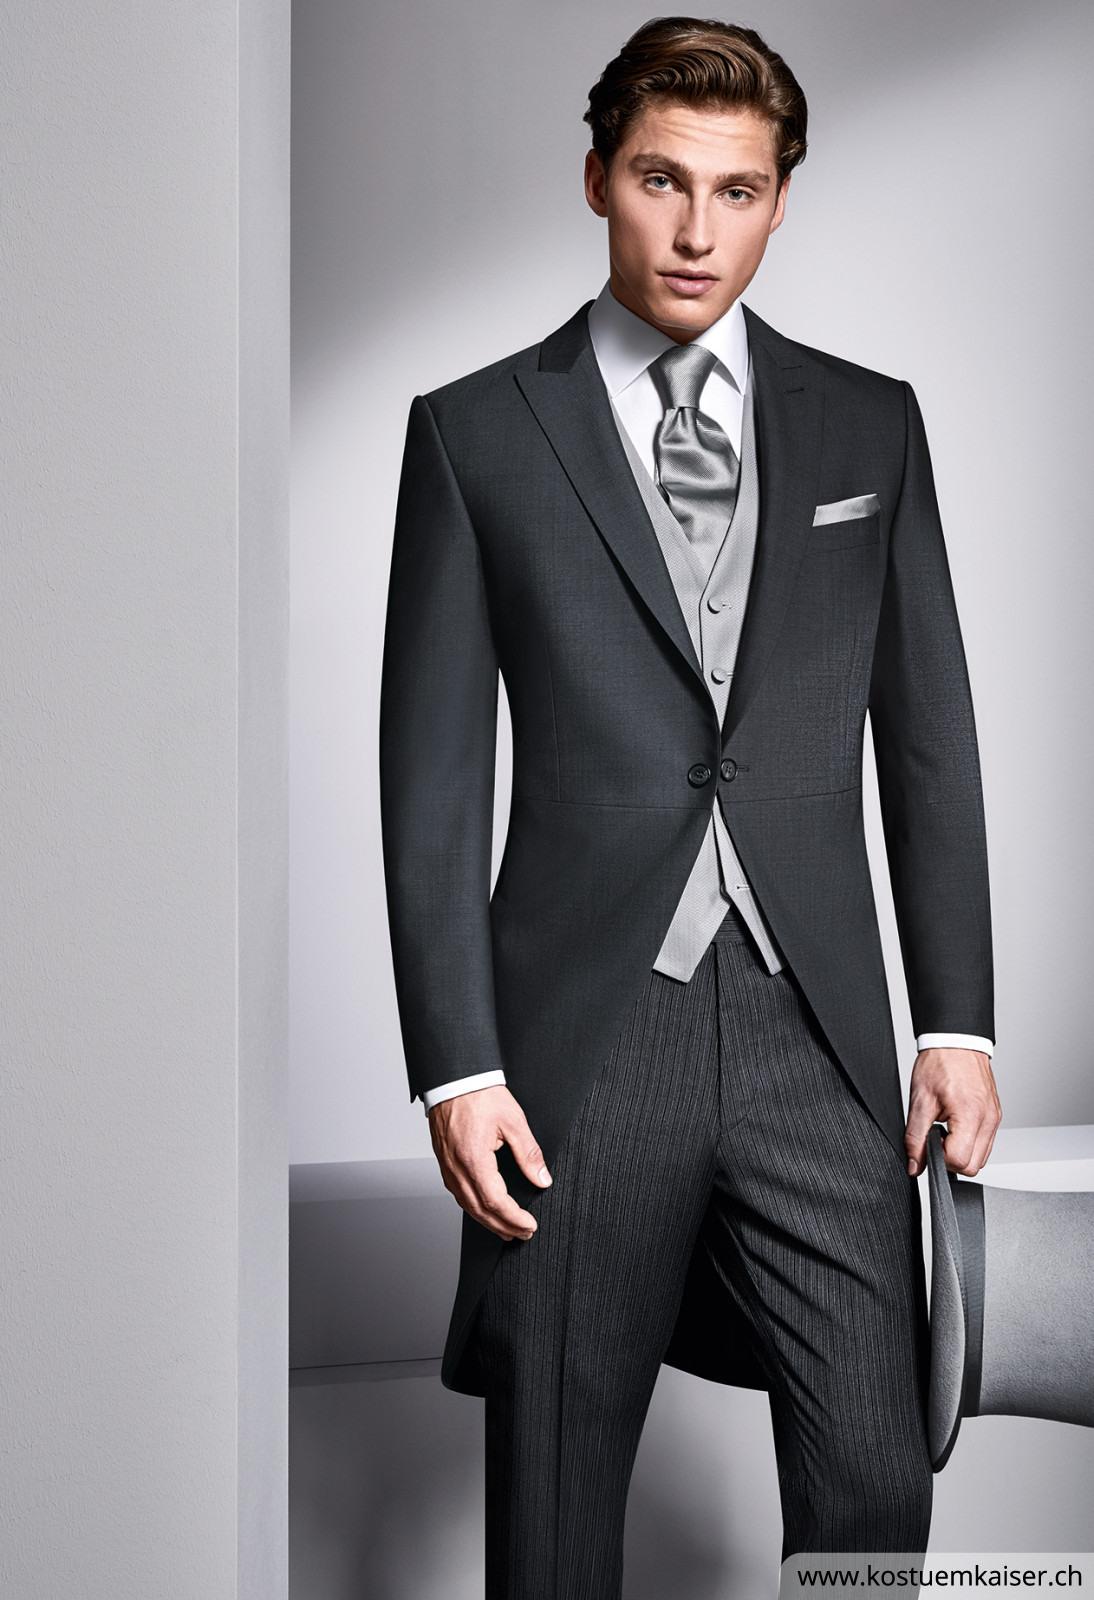 Formal Ausgezeichnet Festliche Abendbekleidung Herren Galerie20 Genial Festliche Abendbekleidung Herren für 2019